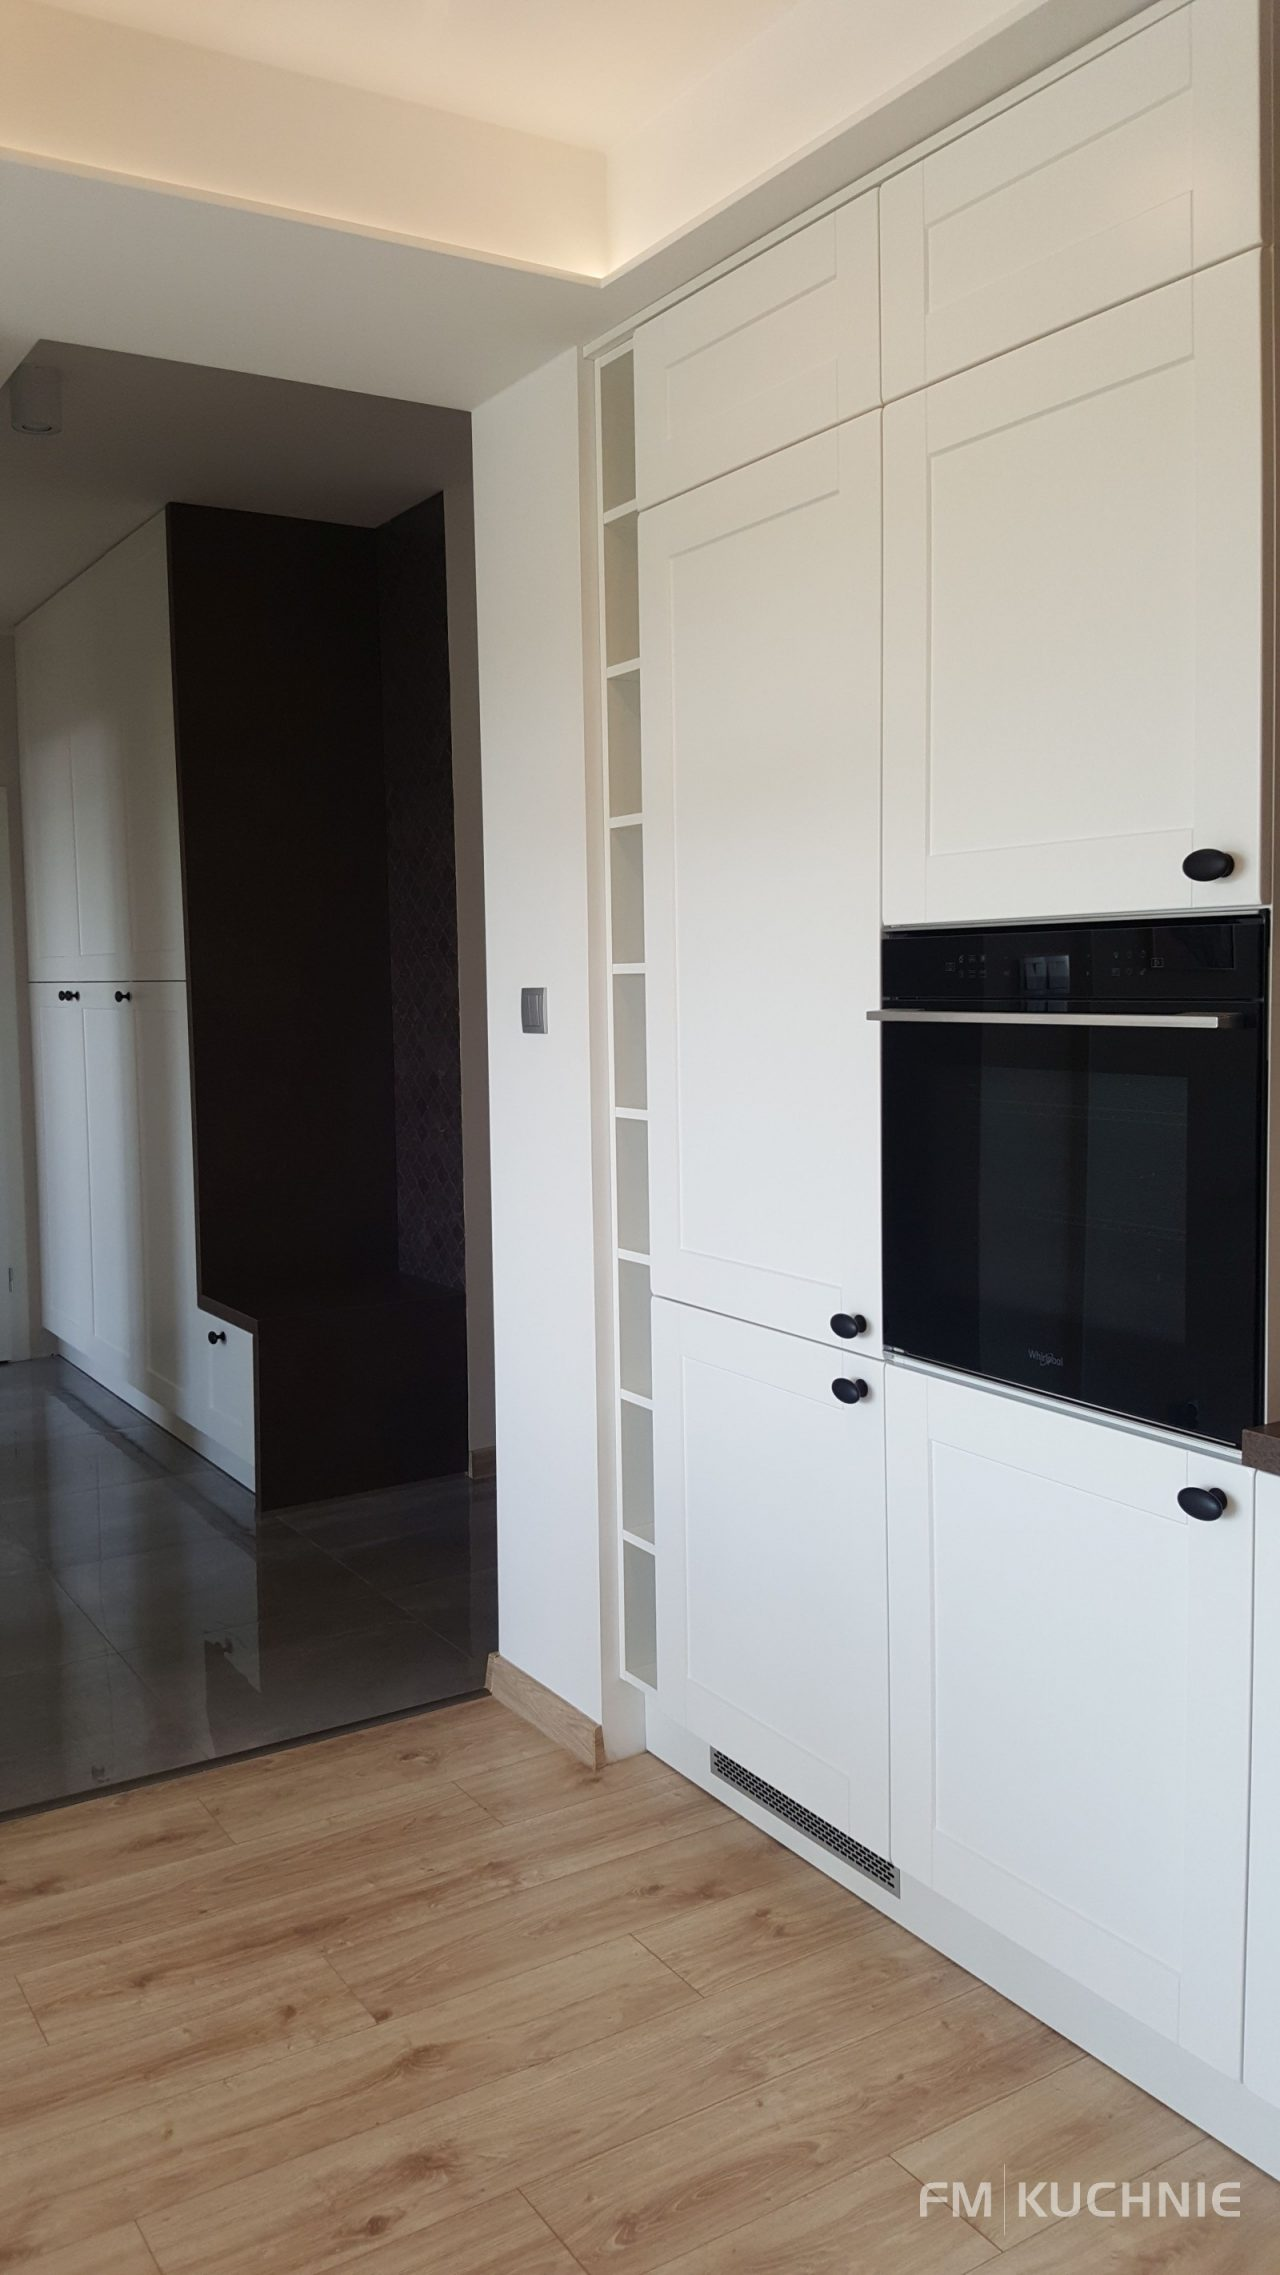 Meble kuchenne na wymiar w mieszkaniu pokazowym dewelopera - Kuchnia WFM Rocca z białym frontem lakierowanym na mat -3- FM KUCHNIE Kraków